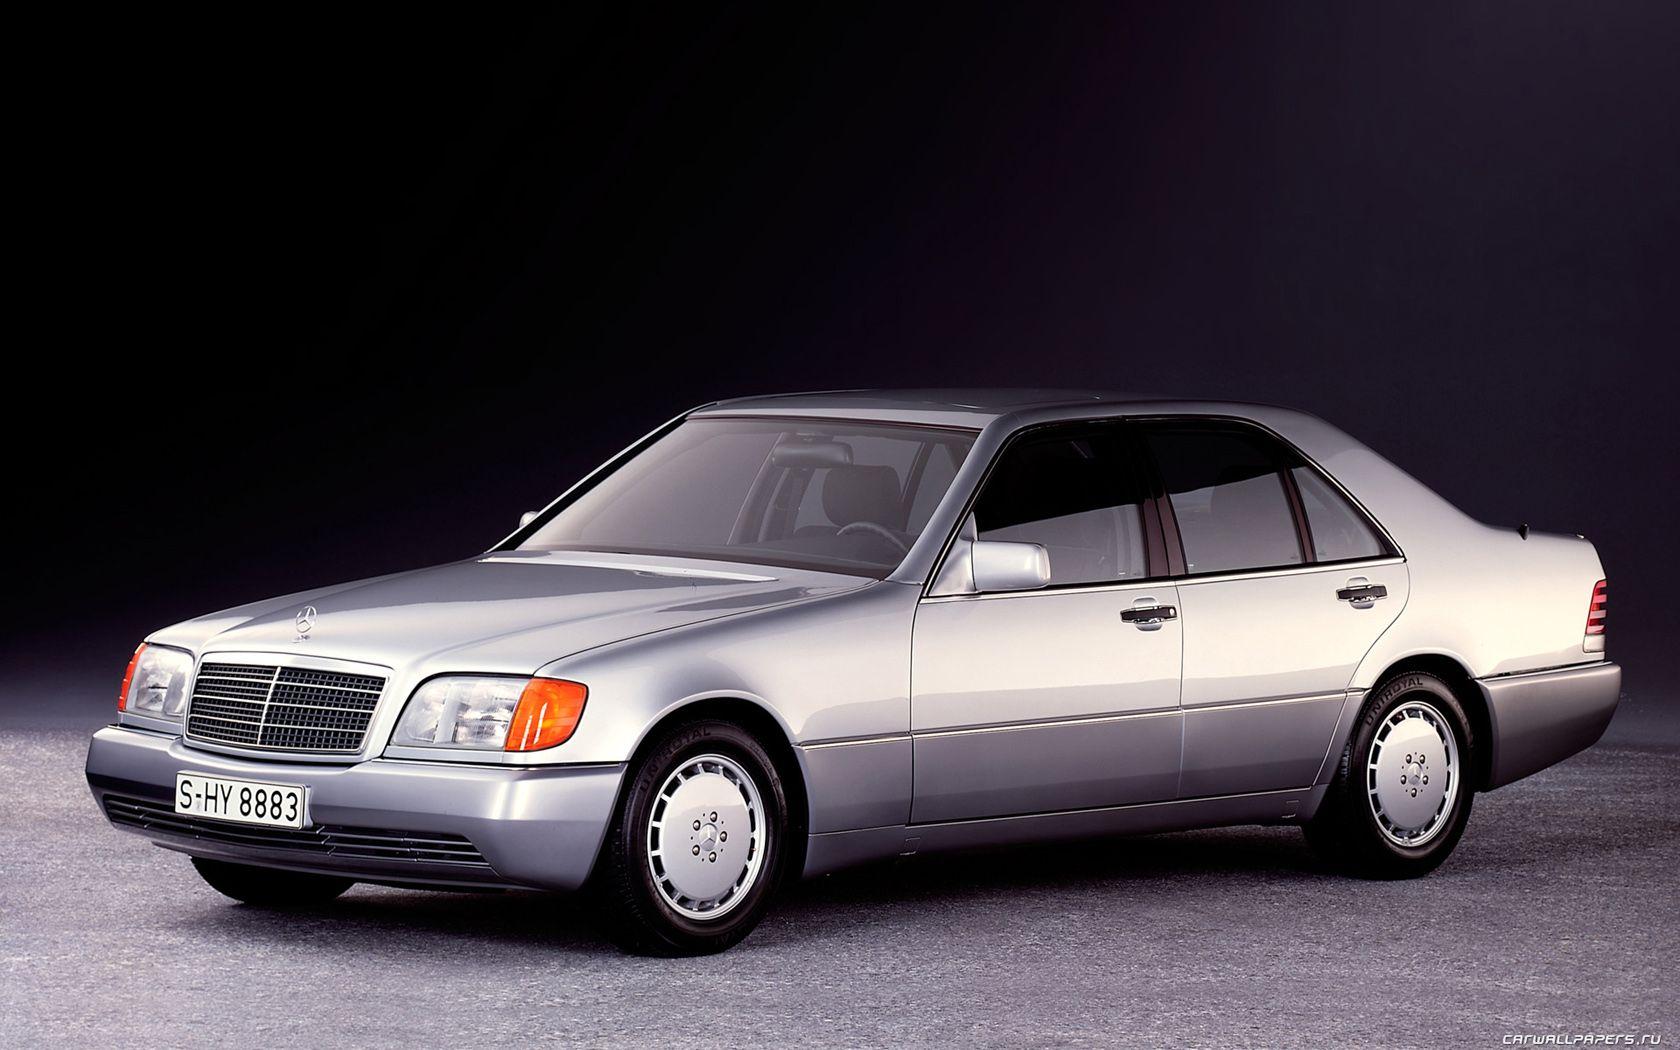 Mercedes benz s class w140 speed demon pinterest for Mercedes benz w140